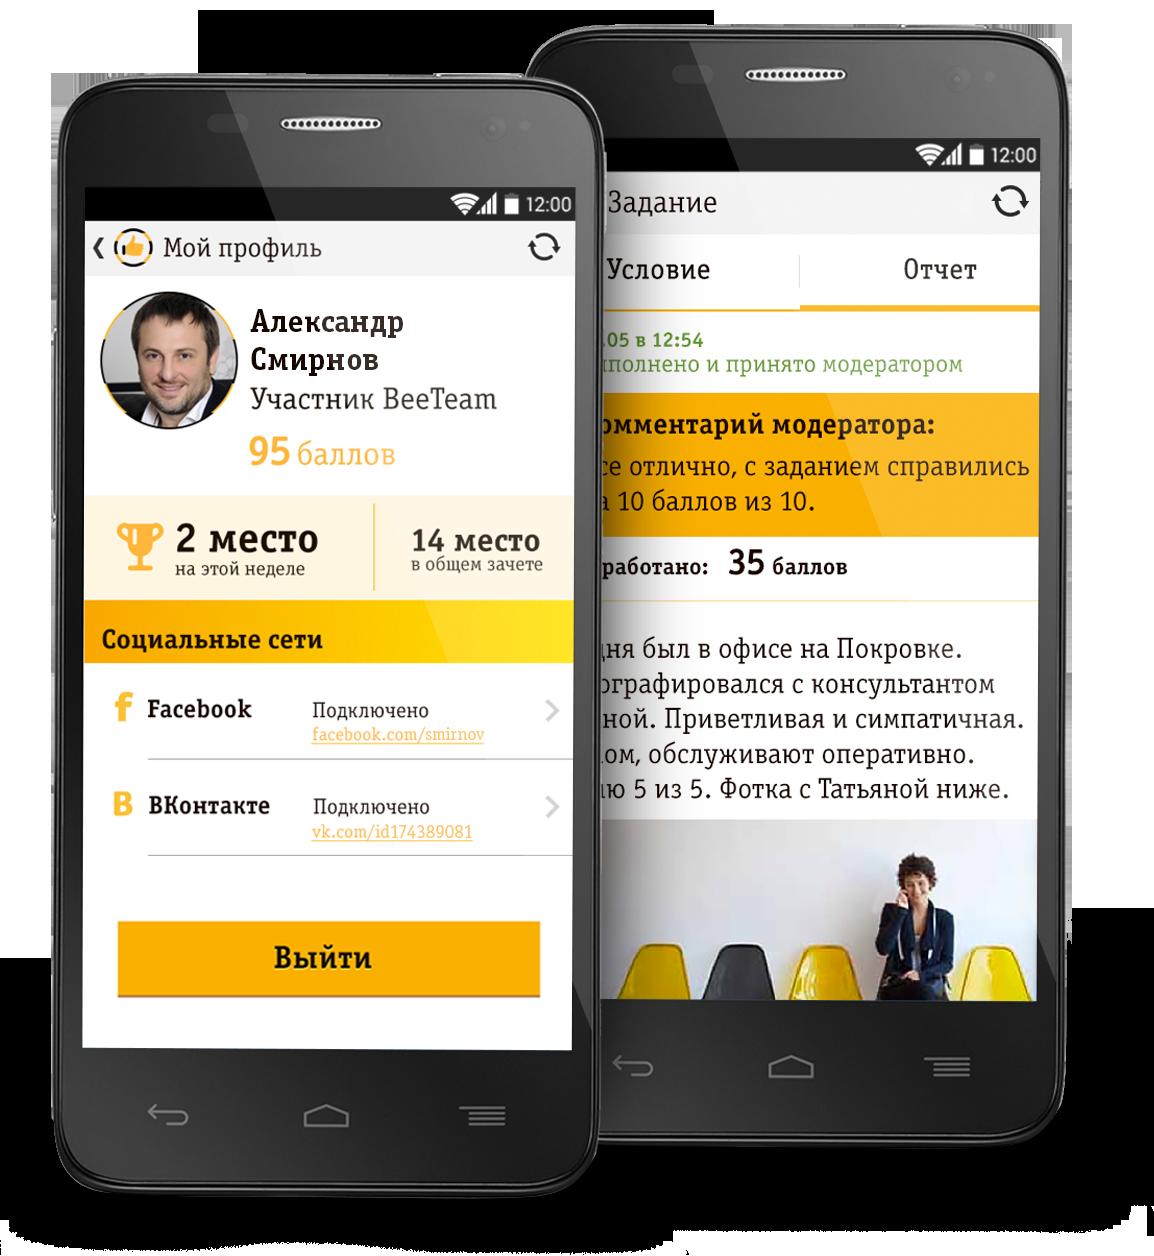 Сколько стоит мобильное приложение в 2017 году AppTractor 86